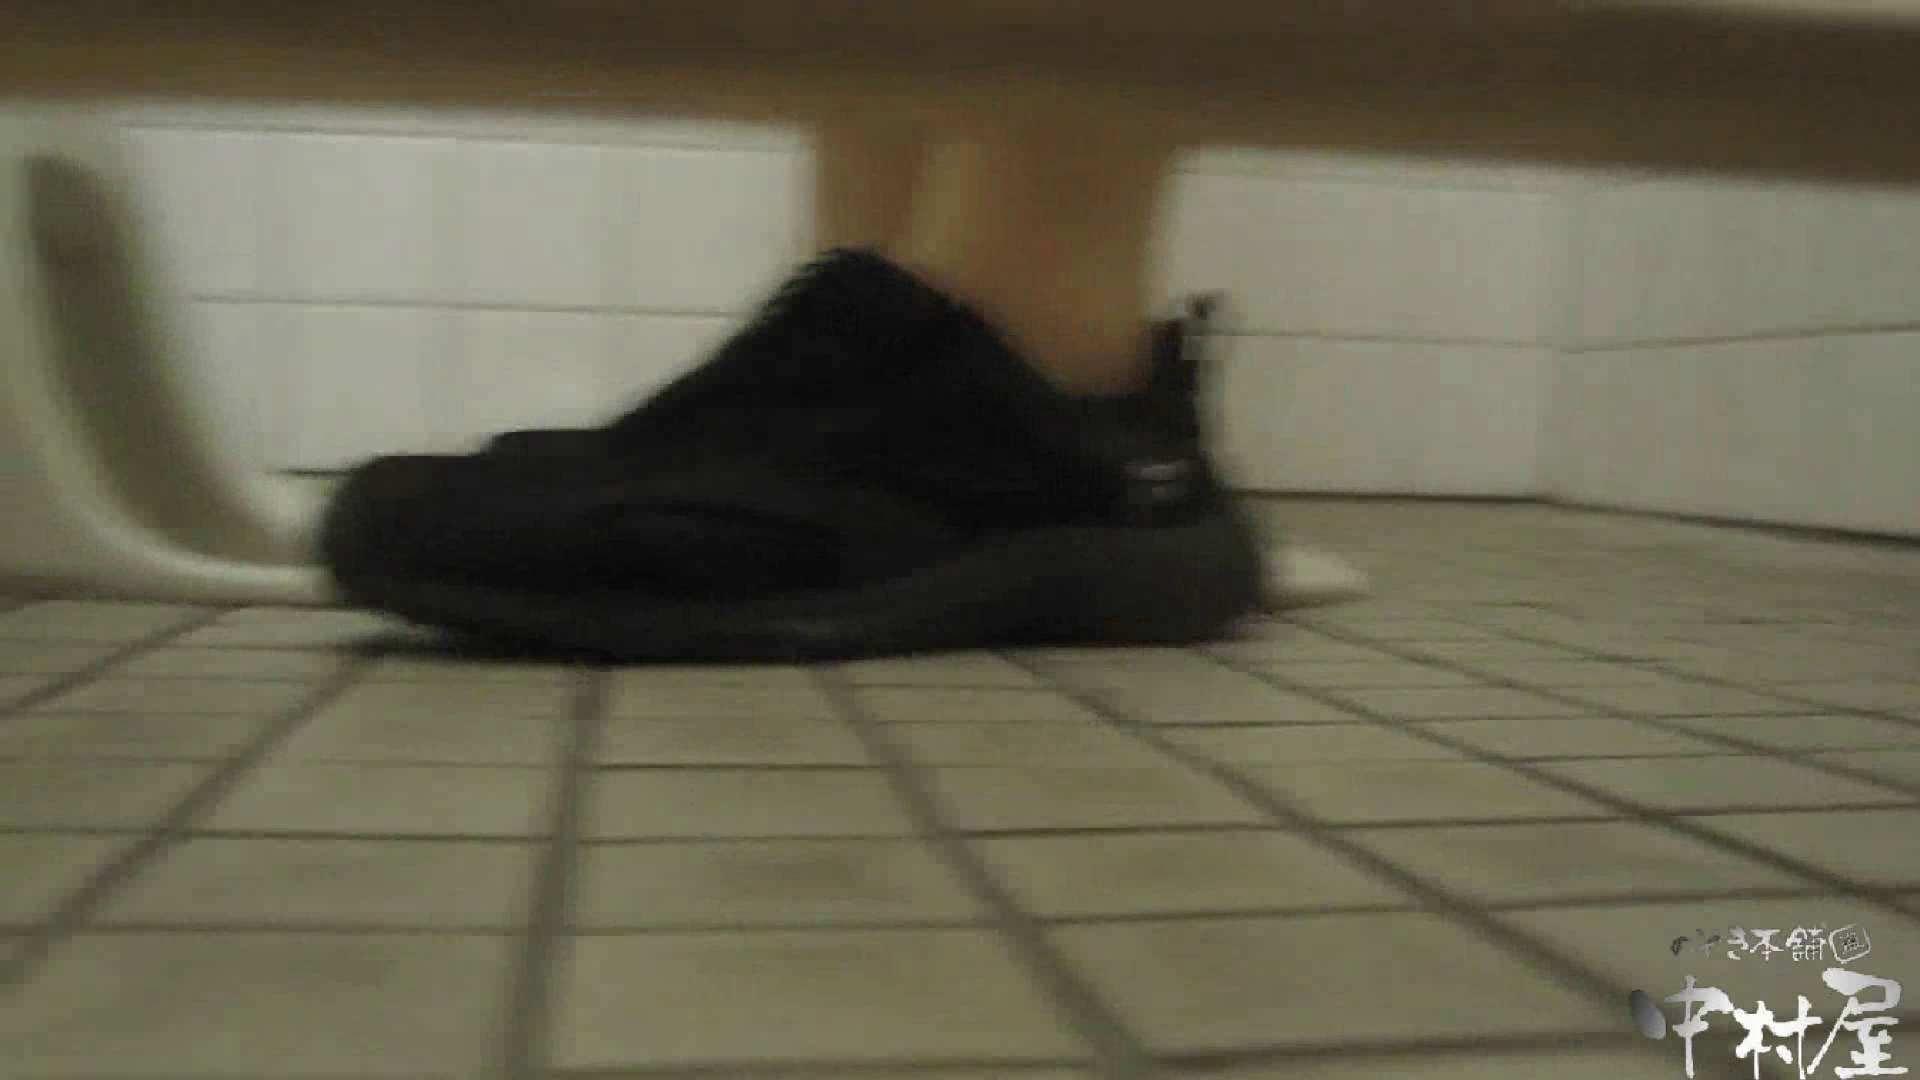 魂のかわや盗撮62連発! 運動靴の女! 37発目! 黄金水 | 盗撮シリーズ  92PIX 43